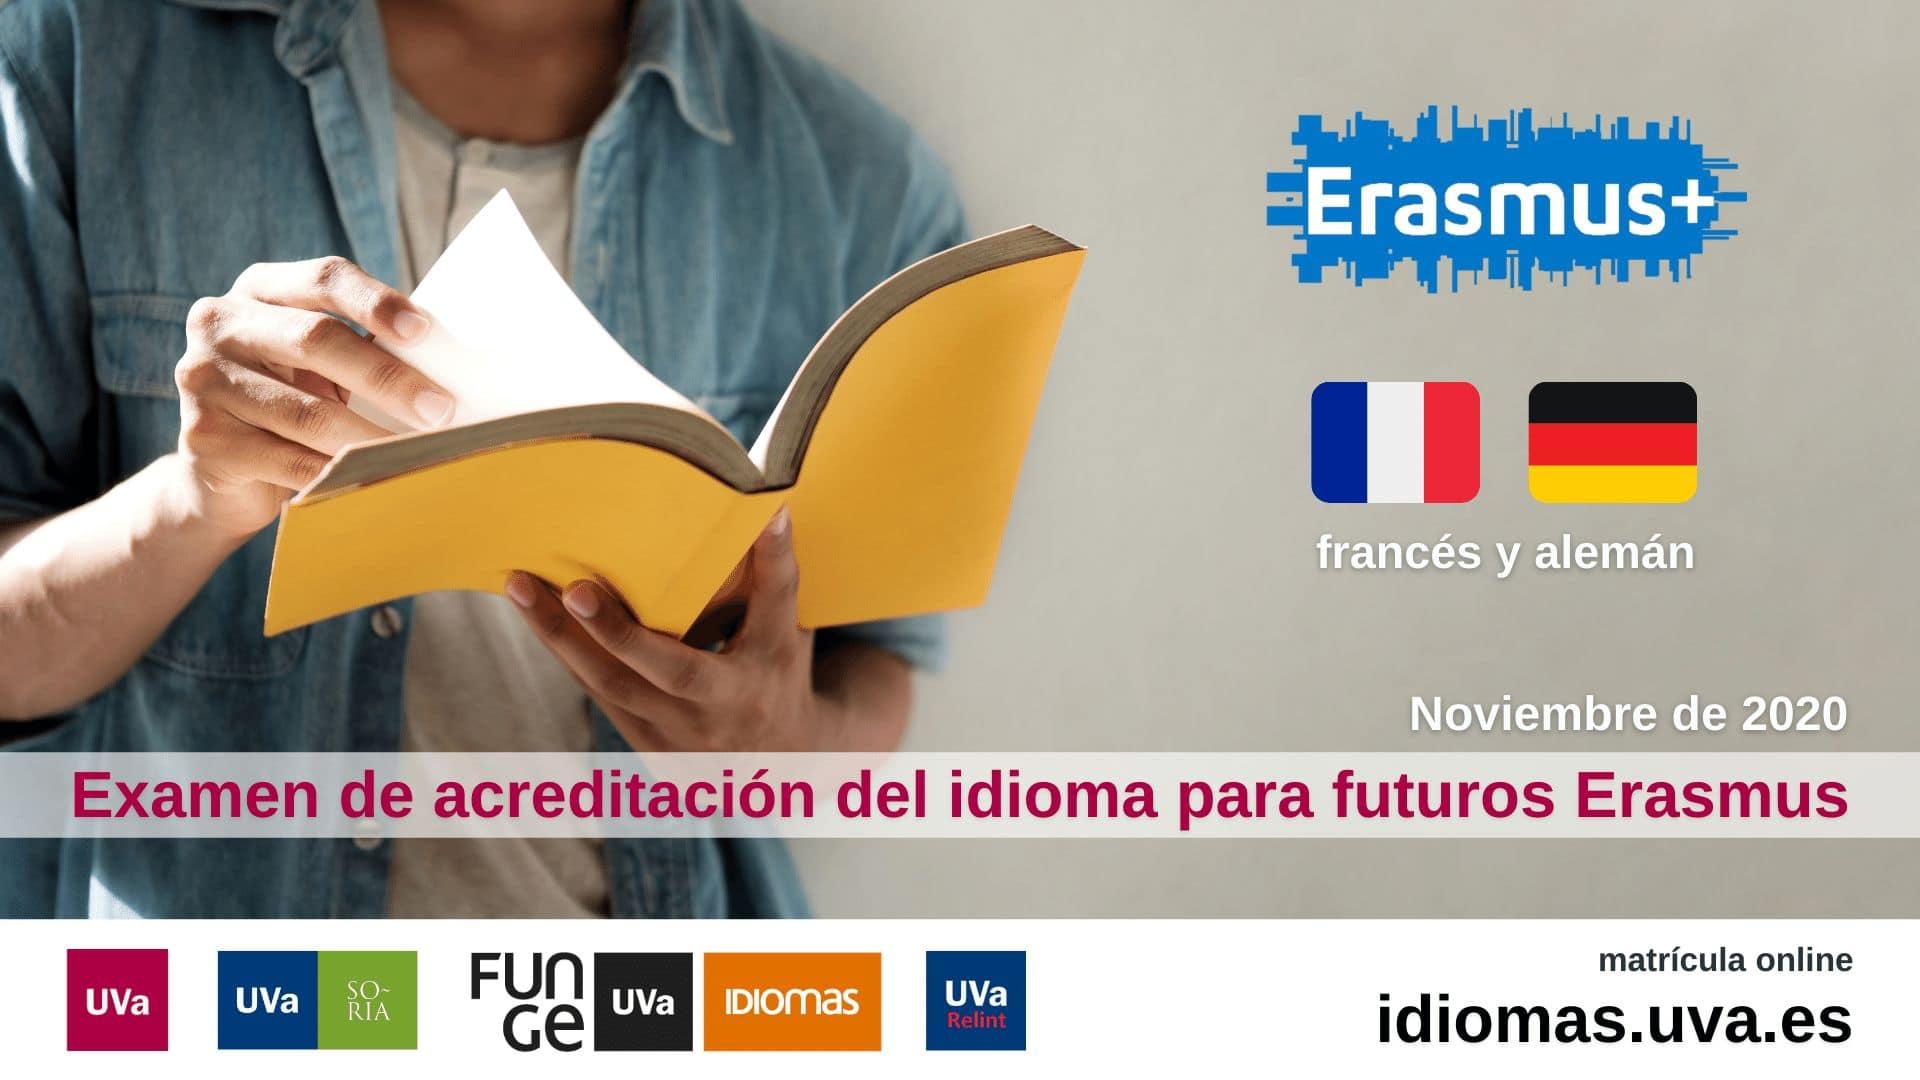 Imagen para el examen de acreditación futuros Erasmus Universidad de Valladolid - francés y alemán